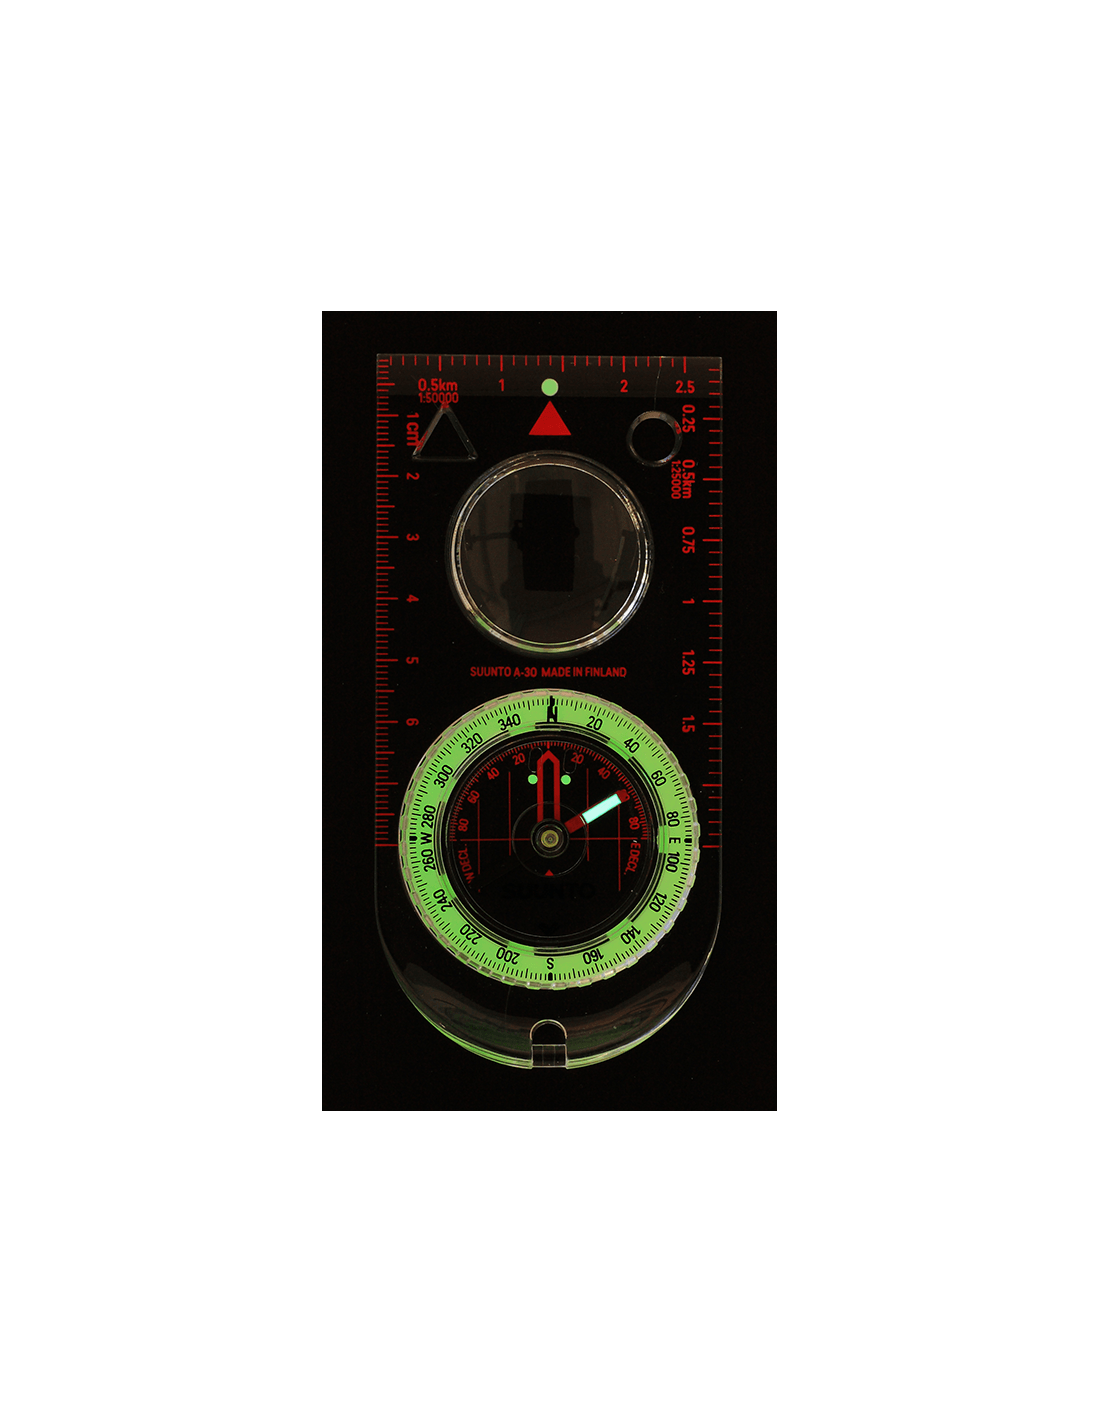 4cdbb1af3 Suunto A-30 NH compass